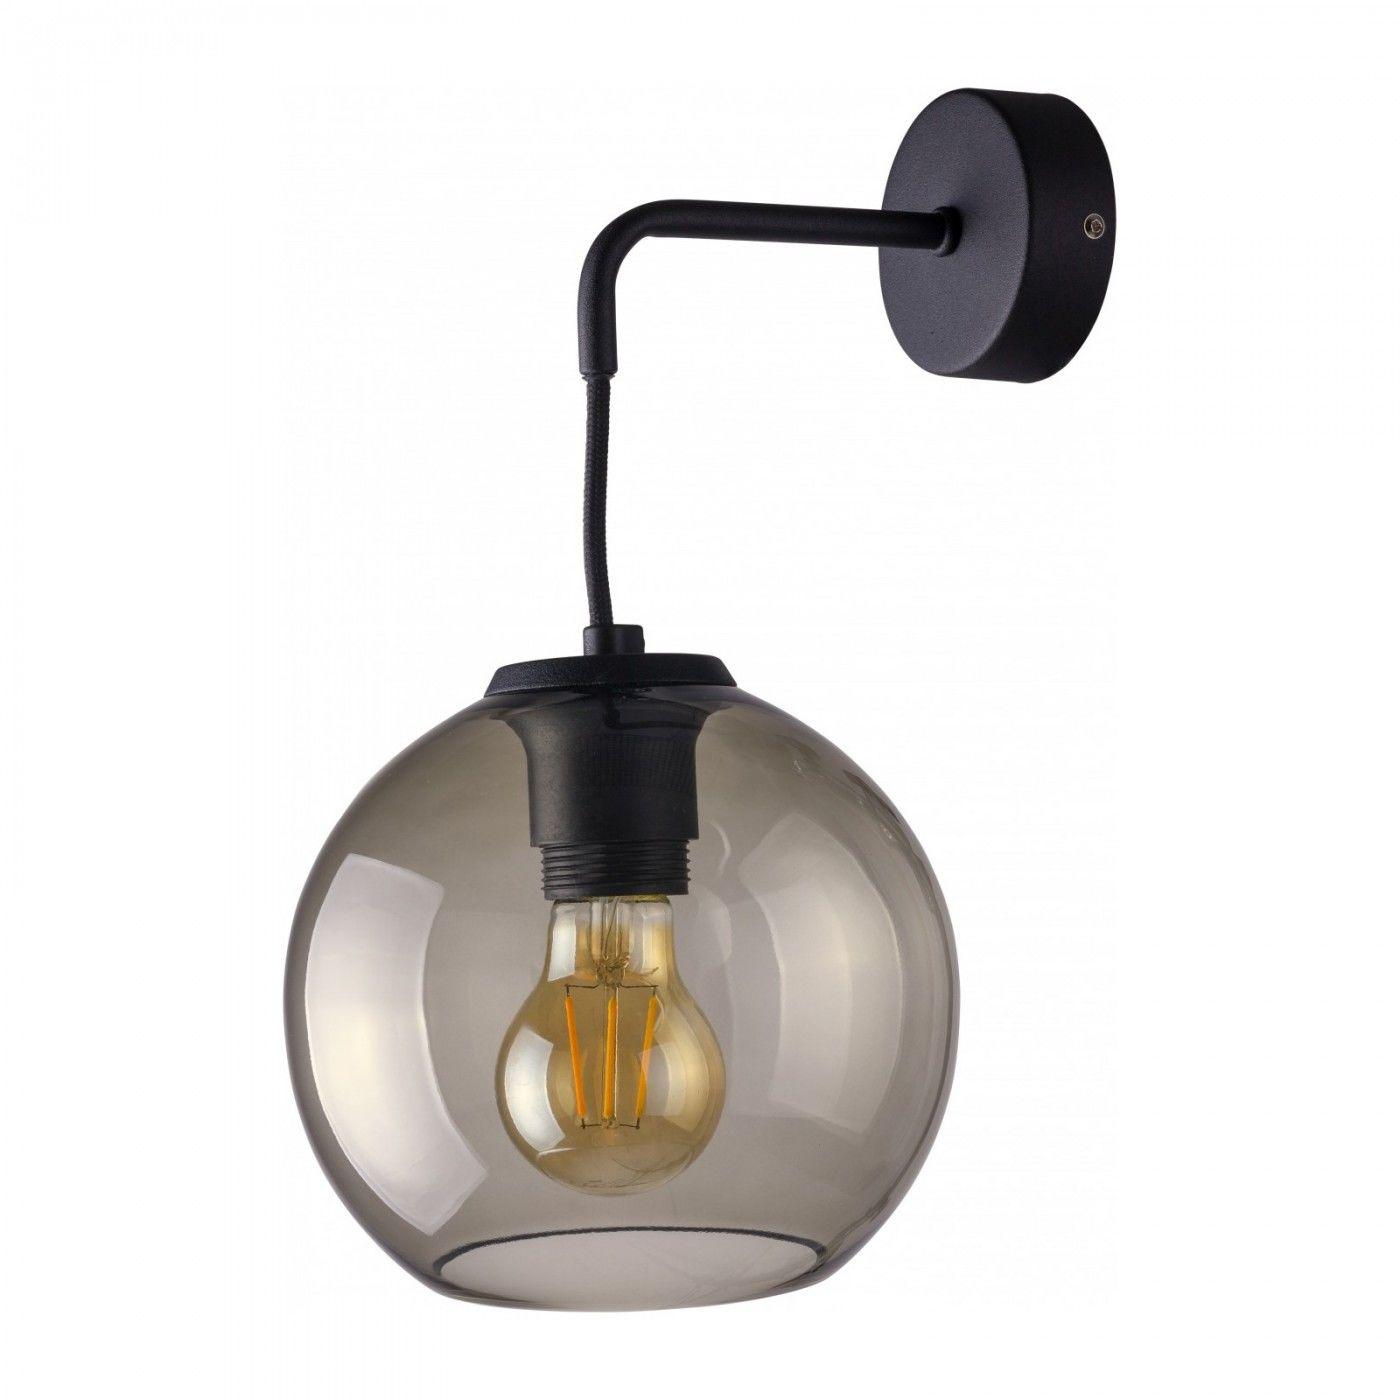 Kinkiet Vetro 9132 Nowodvorski Lighting szklana oprawa na czarnym wysięgniku